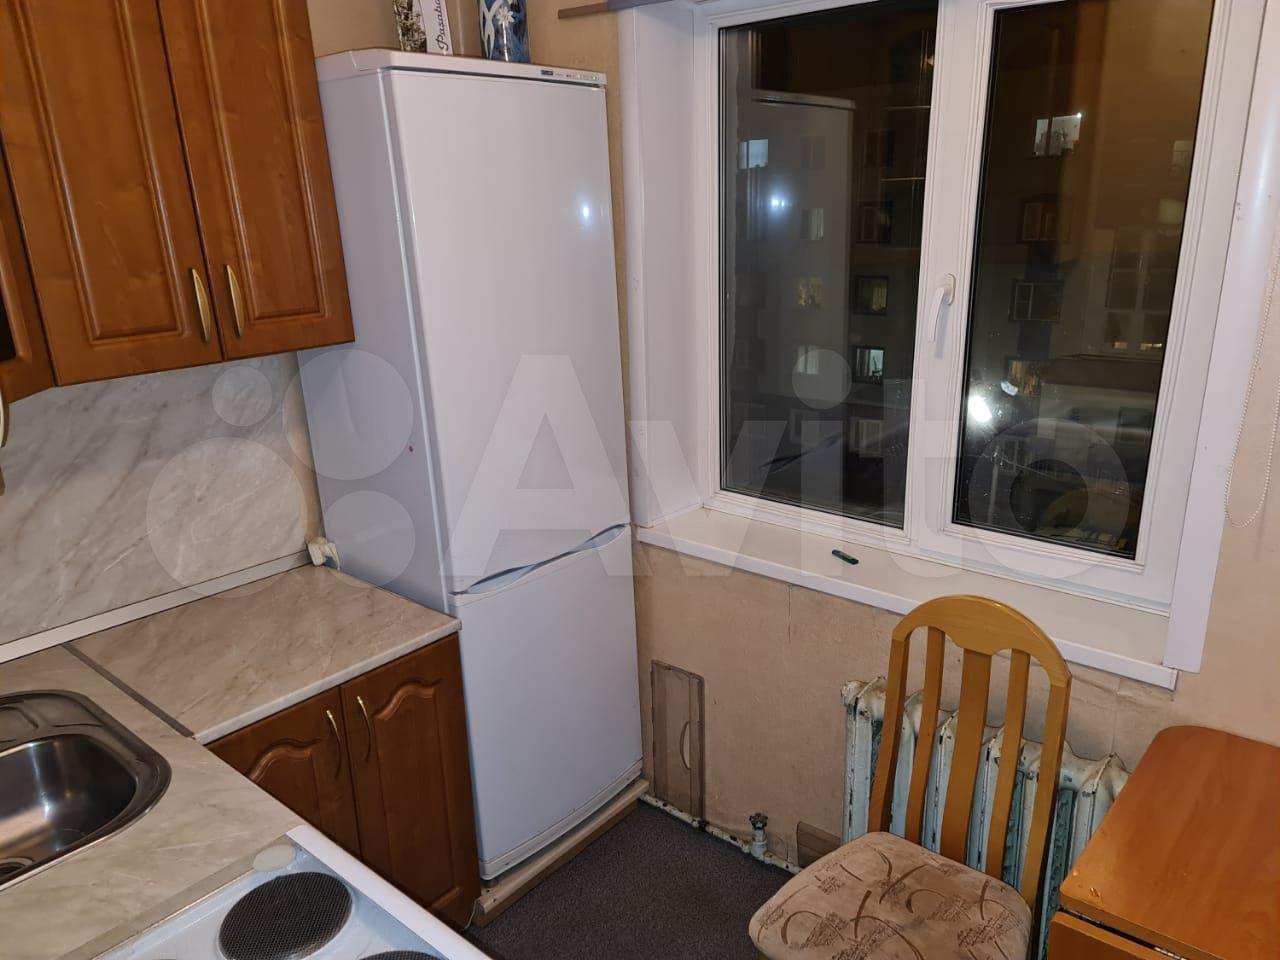 2-rums-lägenhet 43 m2, 5/5 golvet.  89642390048 köp 3